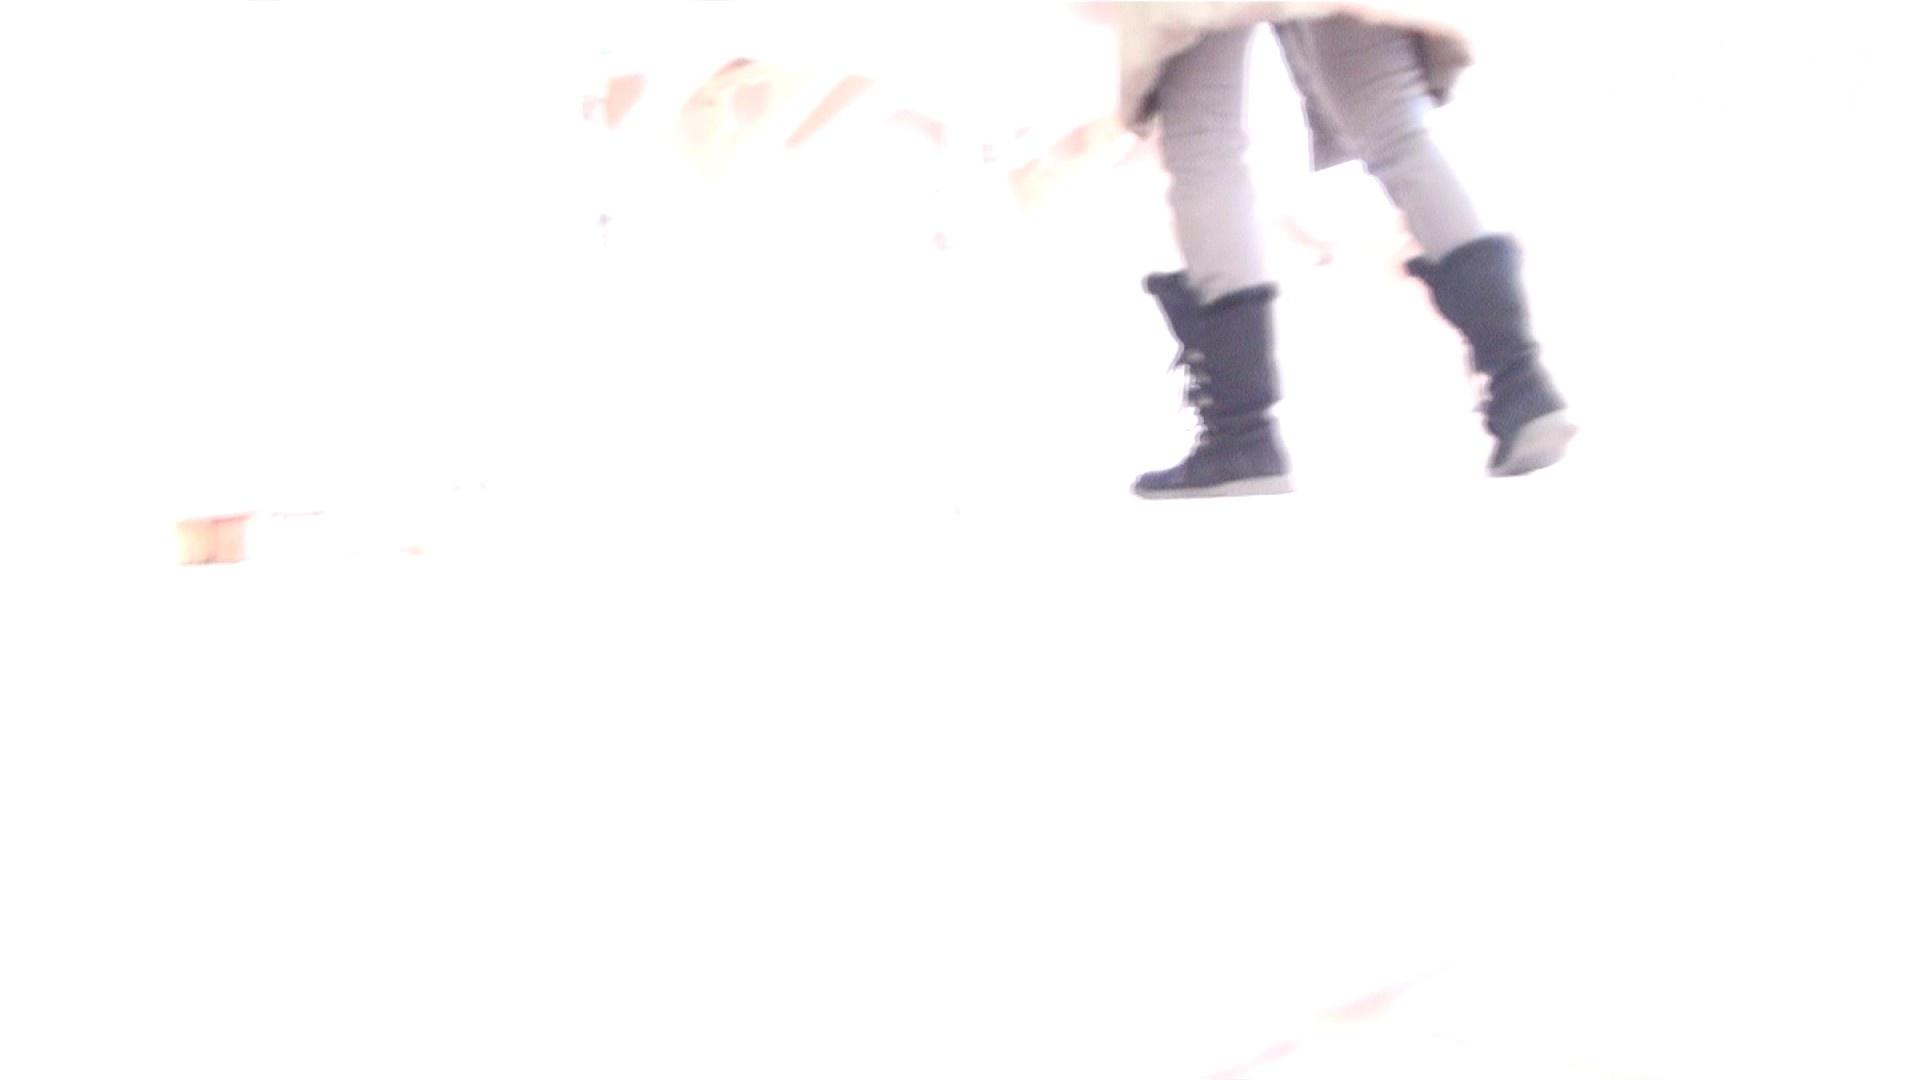 ▲復活限定▲ハイビジョン 盗神伝 Vol.27 盗撮エロすぎ | OL  37連発 34